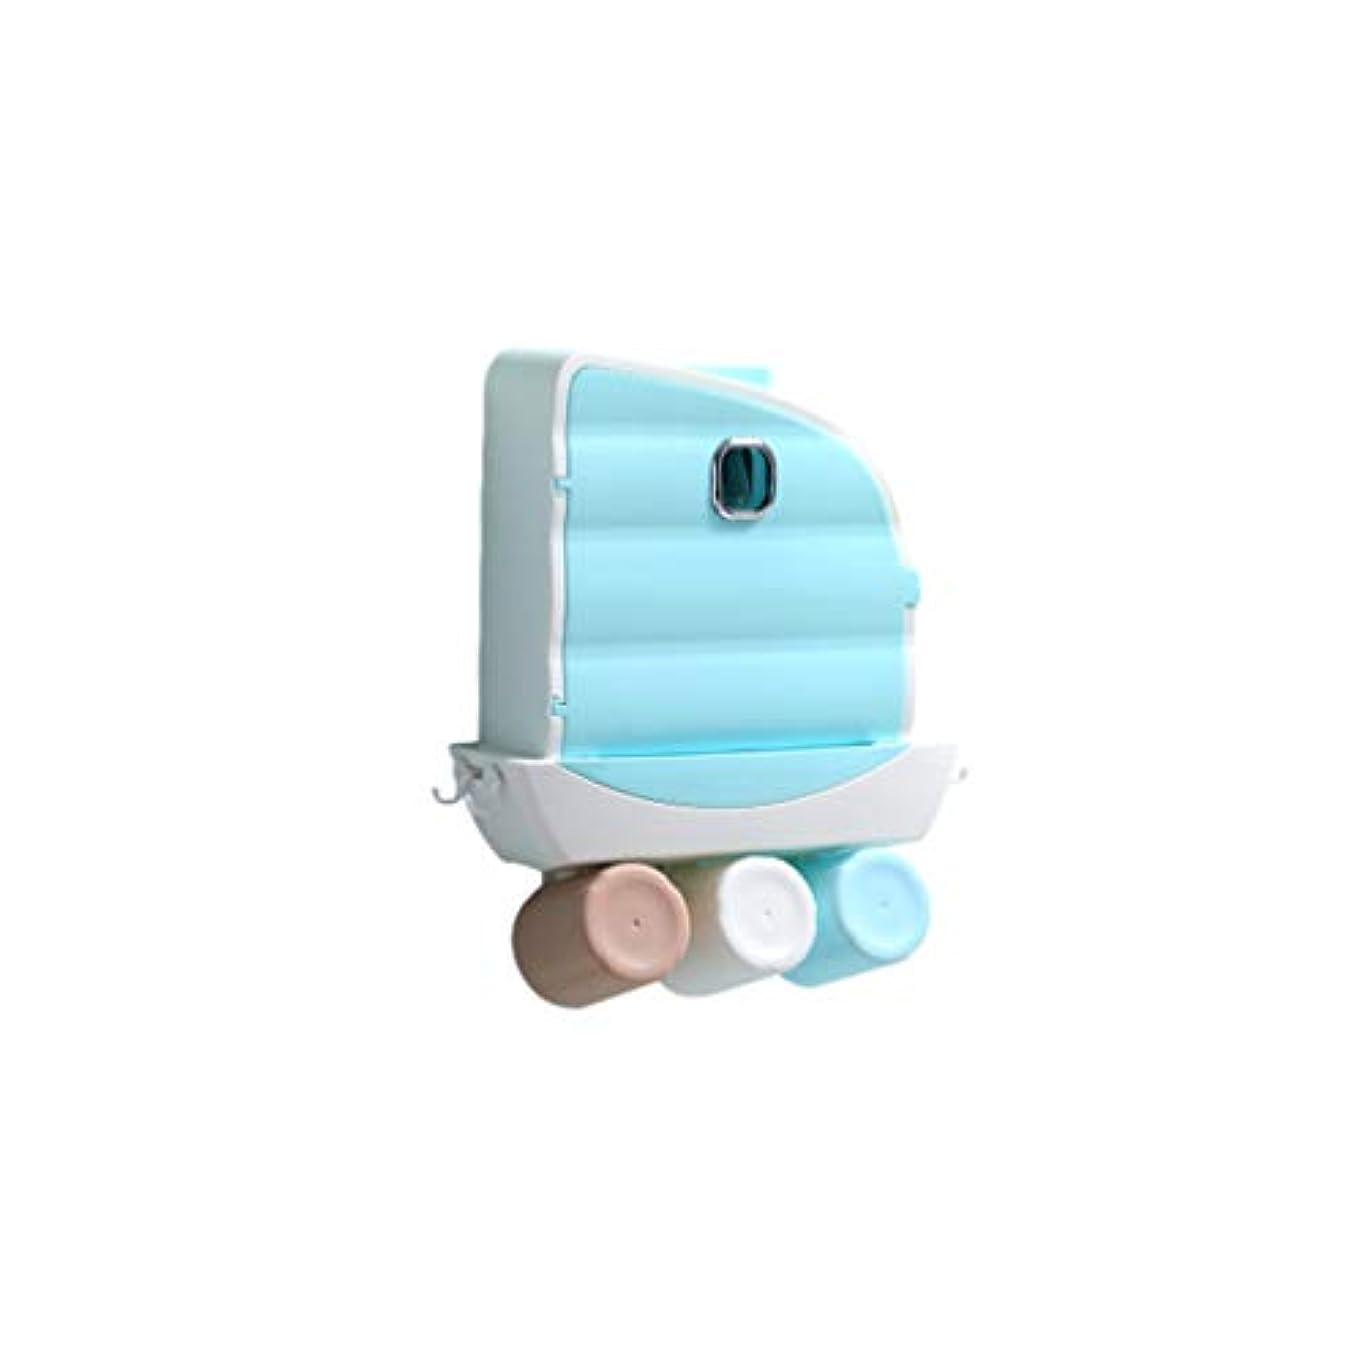 教義気晴らし勃起SUPVOX タオルフック付き壁掛け歯ブラシホルダー歯磨き粉スクイーザー